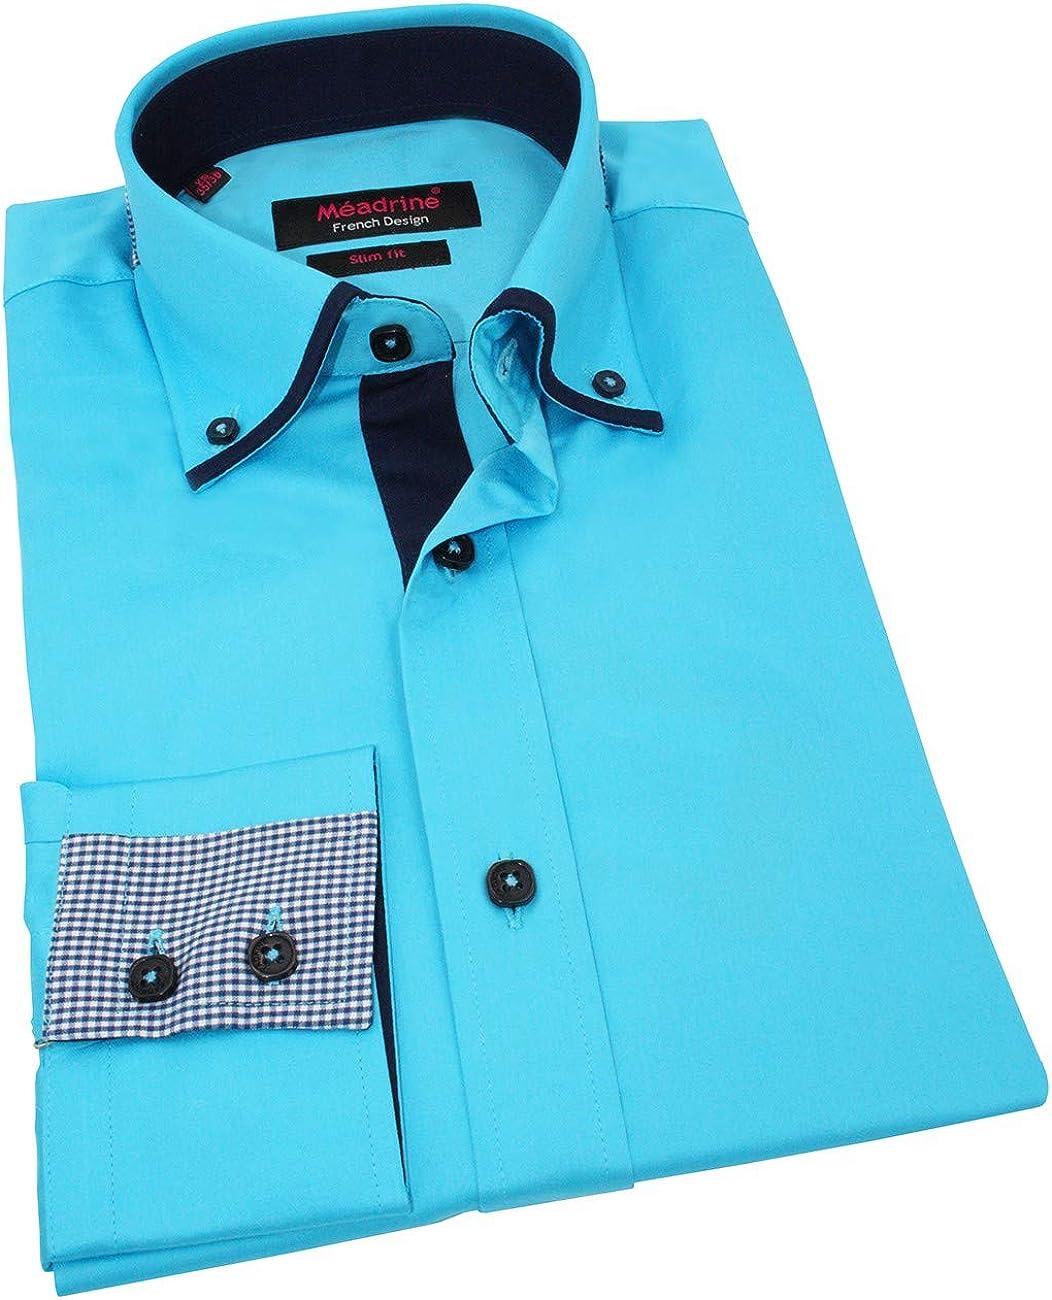 Meadrine Hombre Camisa Belz Equipado Turquesa Cuello y puños trabajados - XS, Turquoise: Amazon.es: Ropa y accesorios